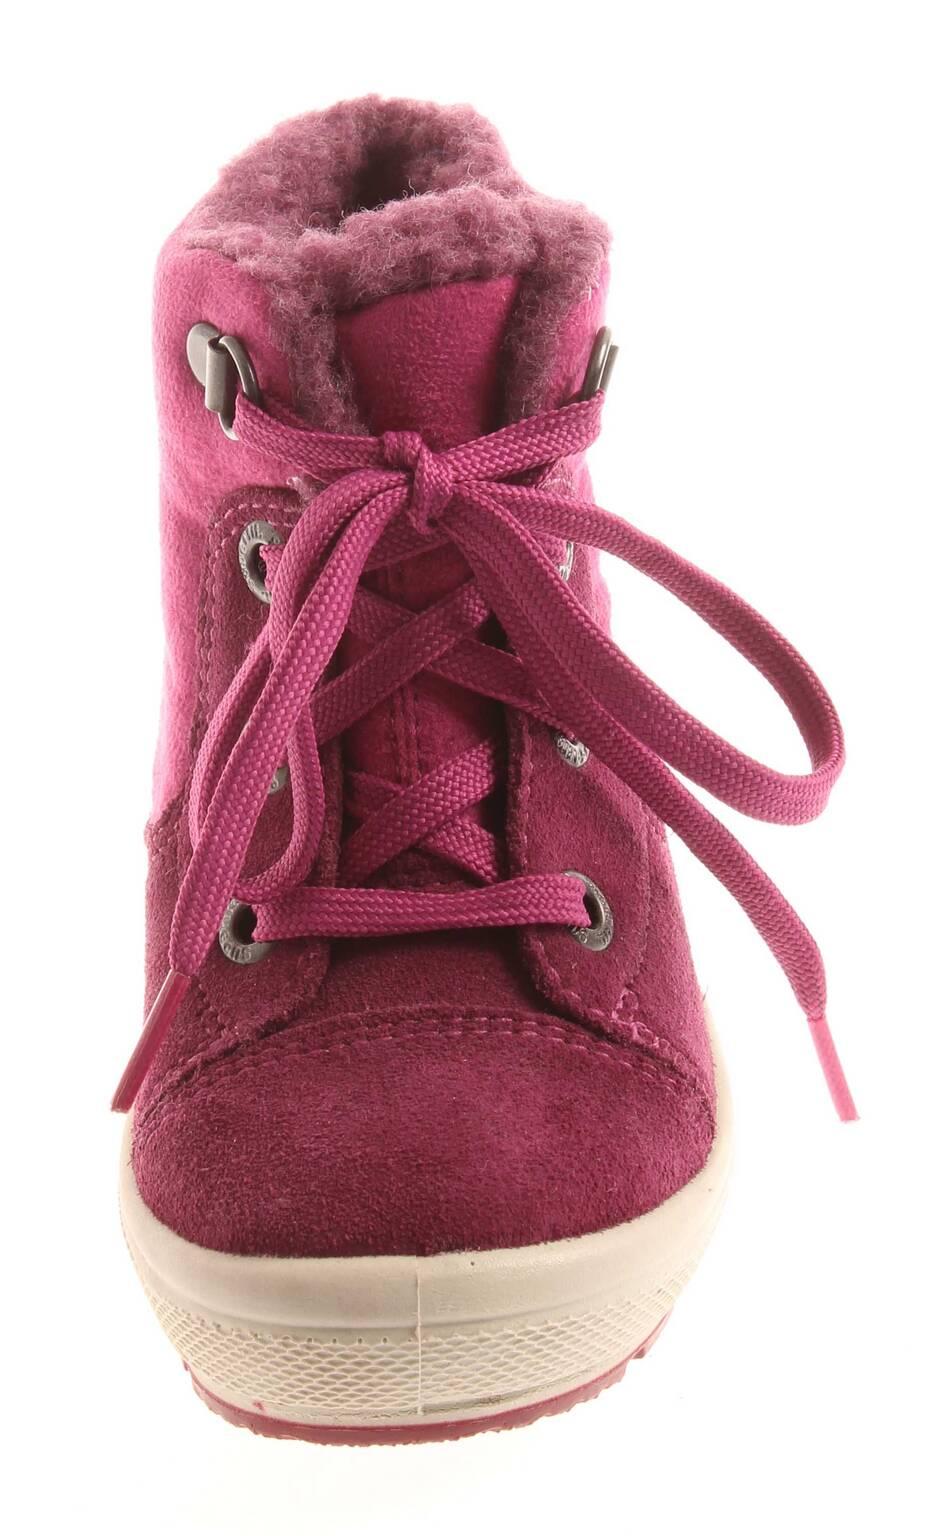 sports shoes 3db85 b4326 Details zu Superfit Schneestiefel Winterstiefel Schuhe für Winter Mädchen